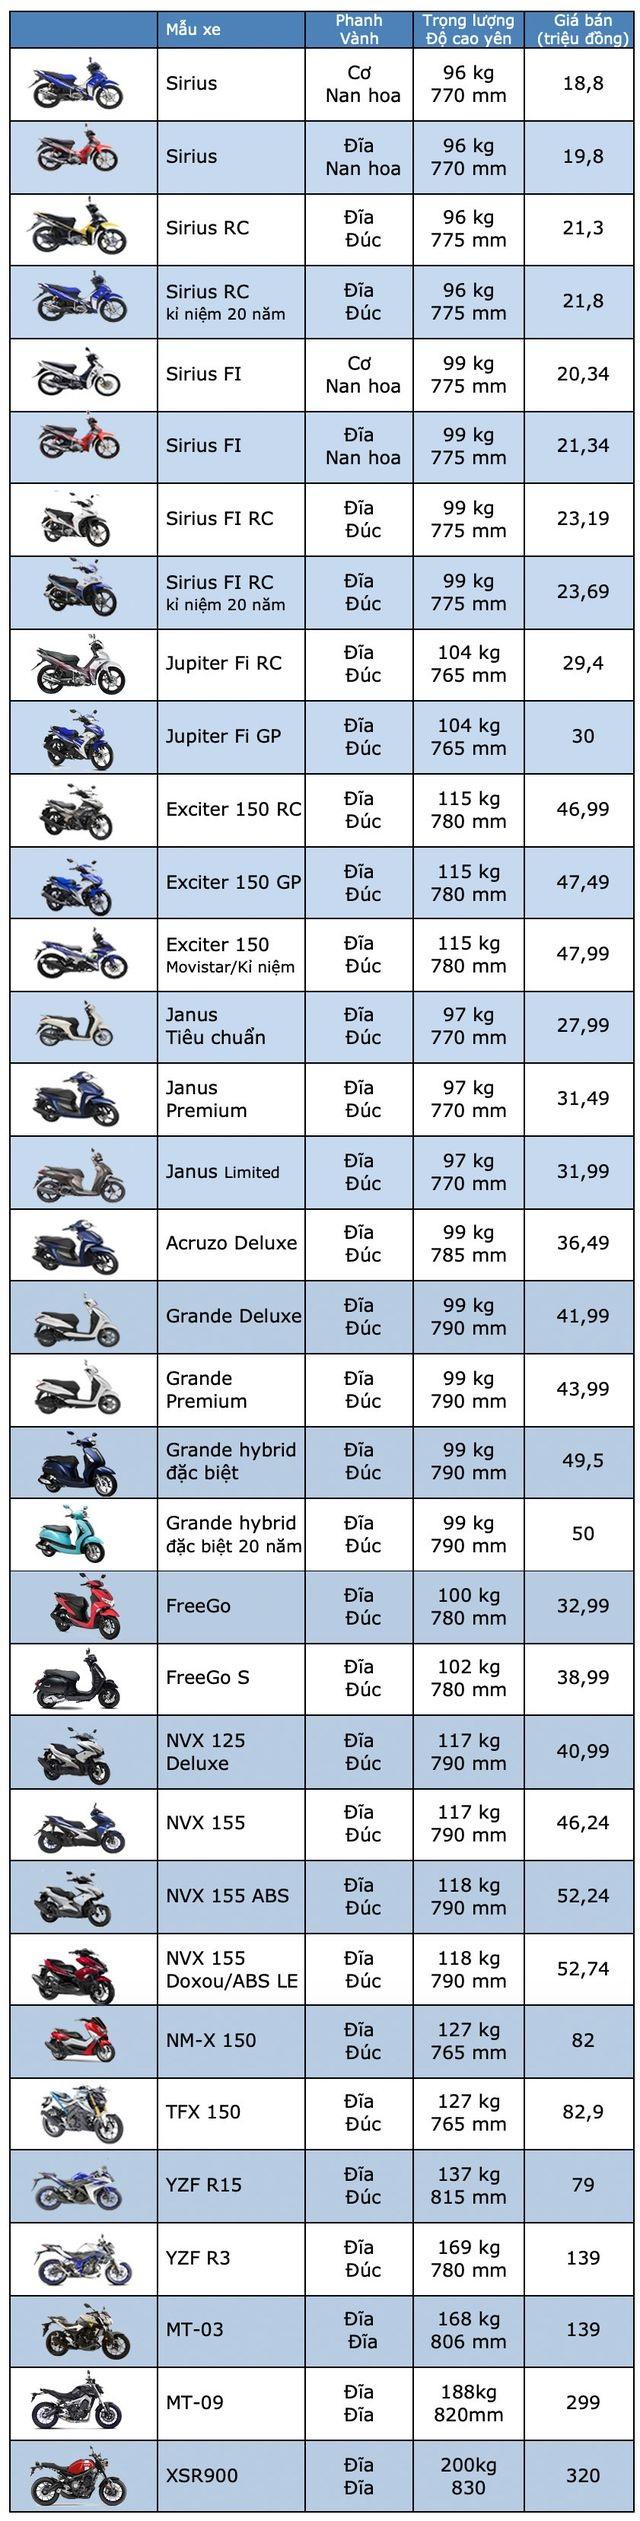 Bảng giá Yamaha tại Việt Nam cập nhật tháng 5/2019 - 1